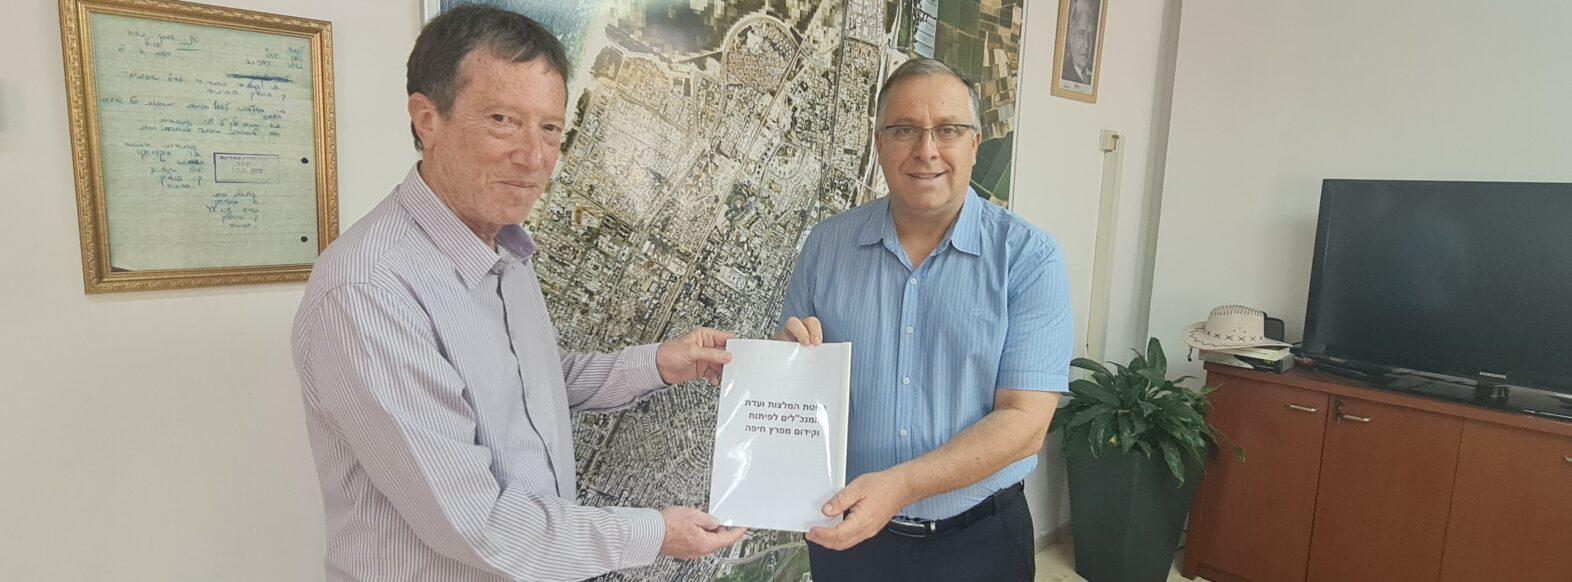 """דוקורסקי נפגש פרופ' אבי שמחון וקיבל את העתק מהמלצות ועדת המנכ""""לים לפיתוח וקידום מפרץ חיפה ."""